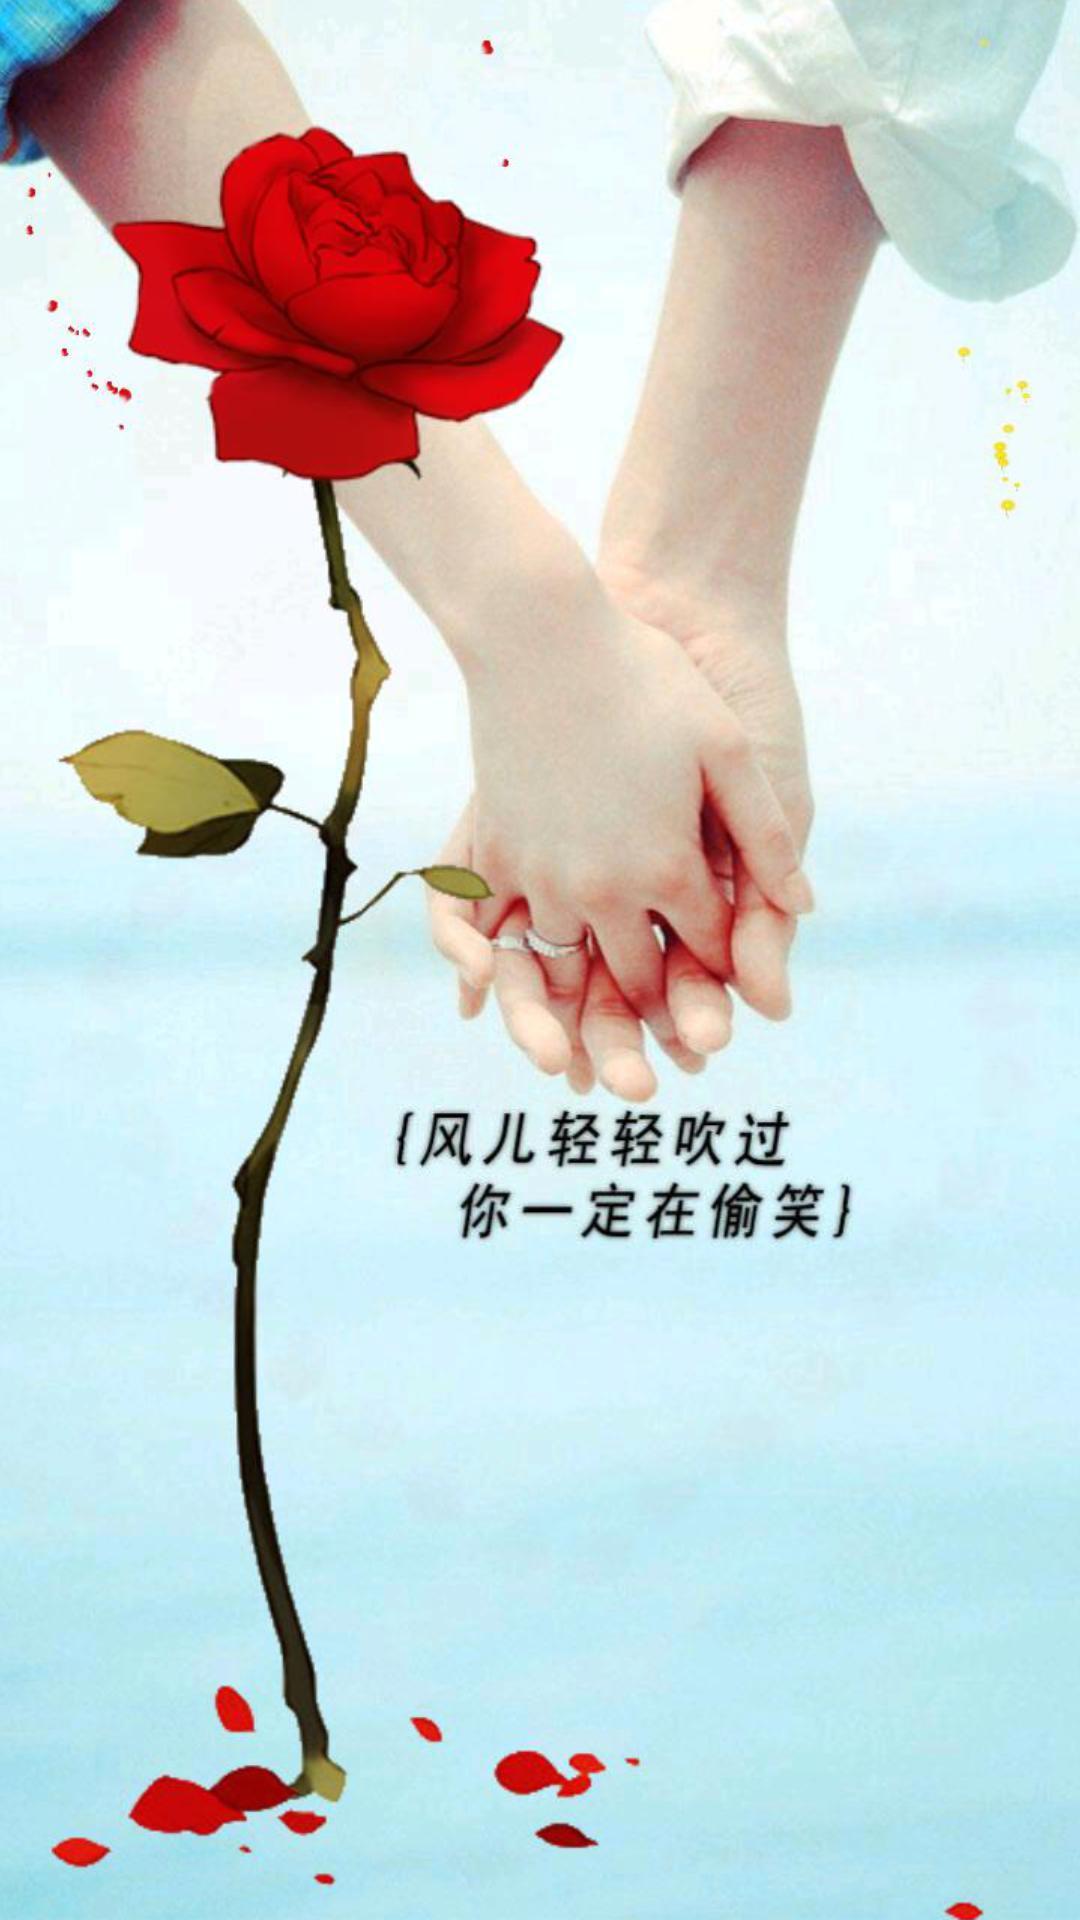 最漂亮的十指相扣牵手图片_WWW.QQYA.COM